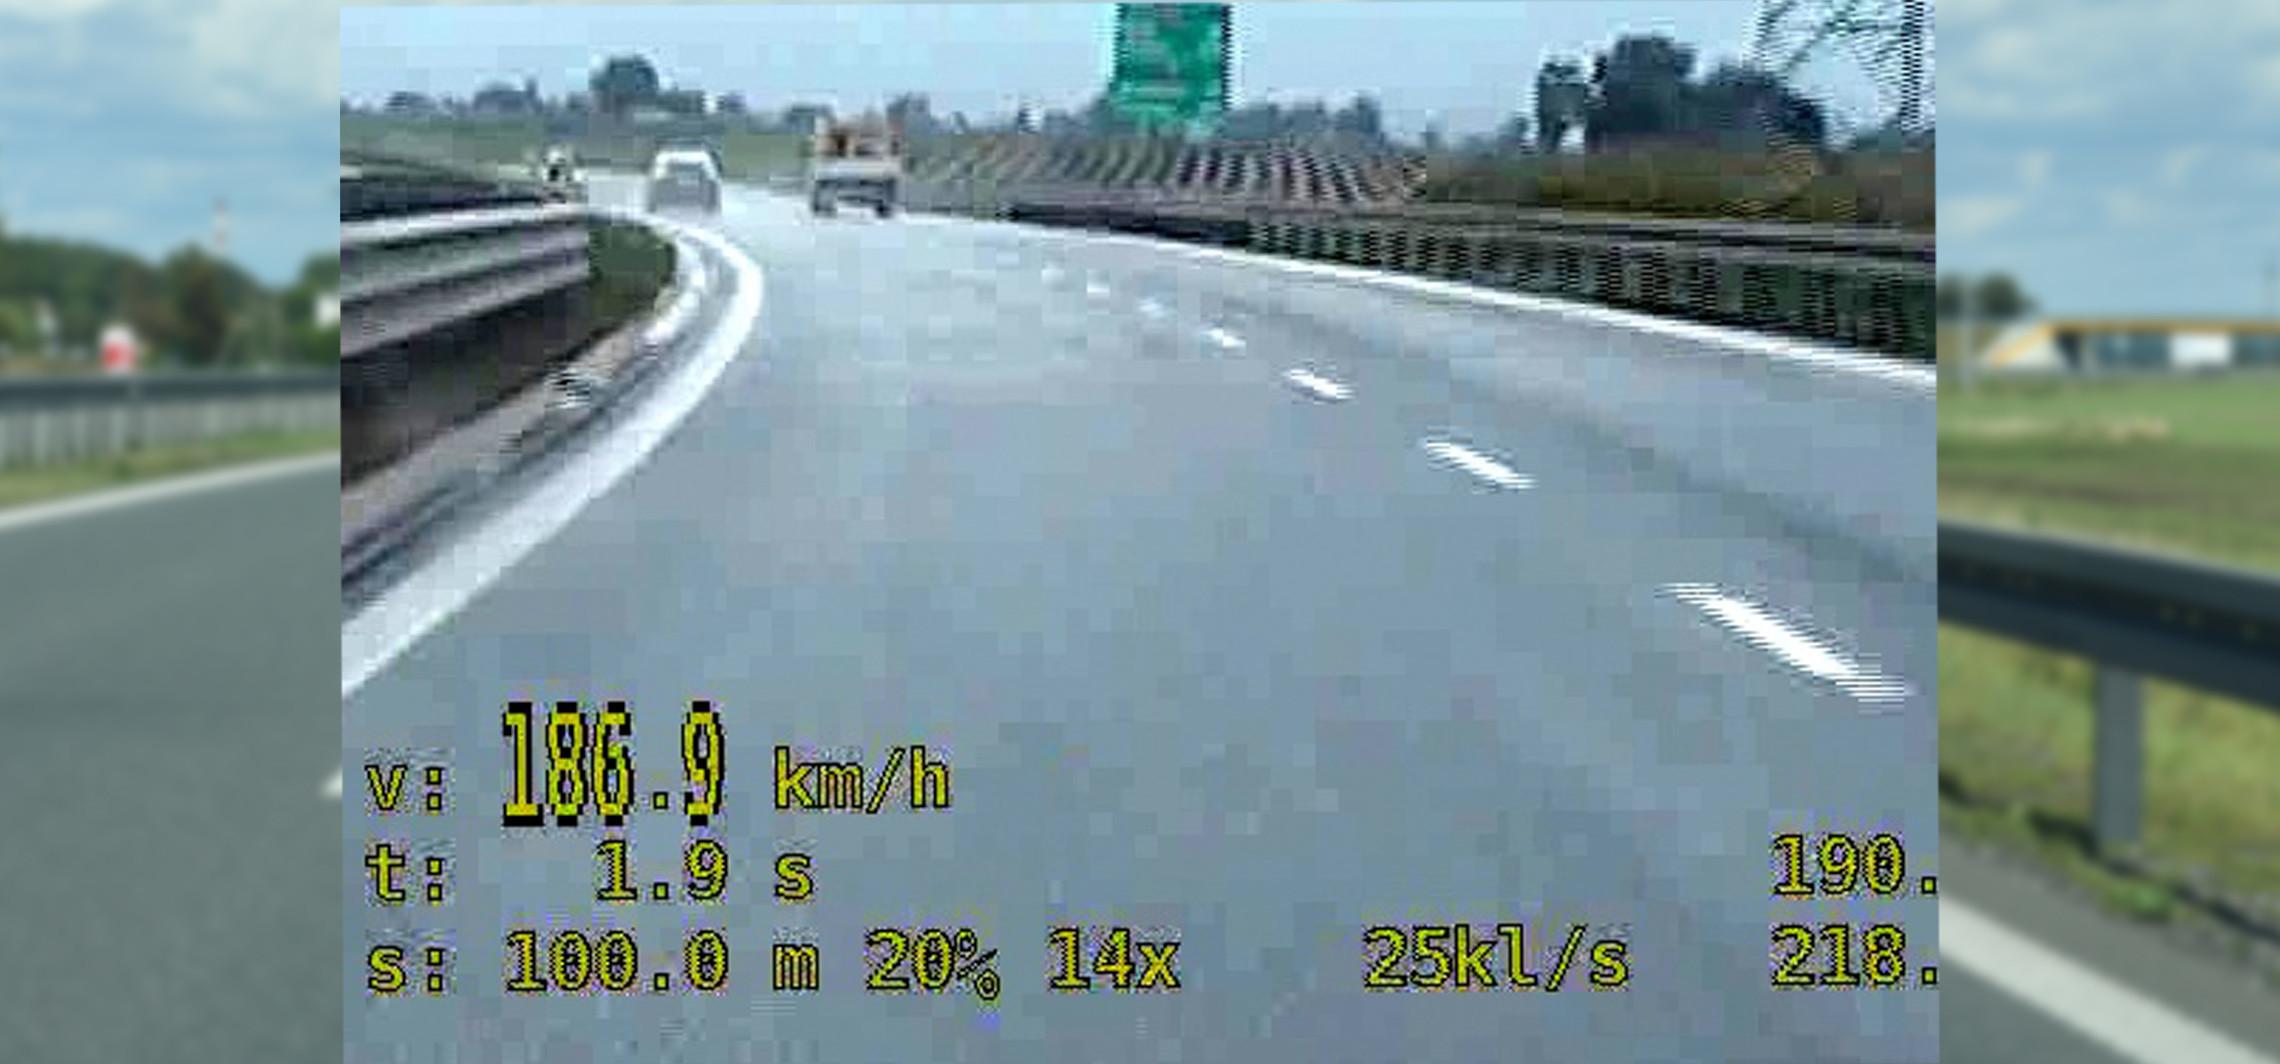 Inowrocław - 0,8 promila i 186 km/h na obwodnicy